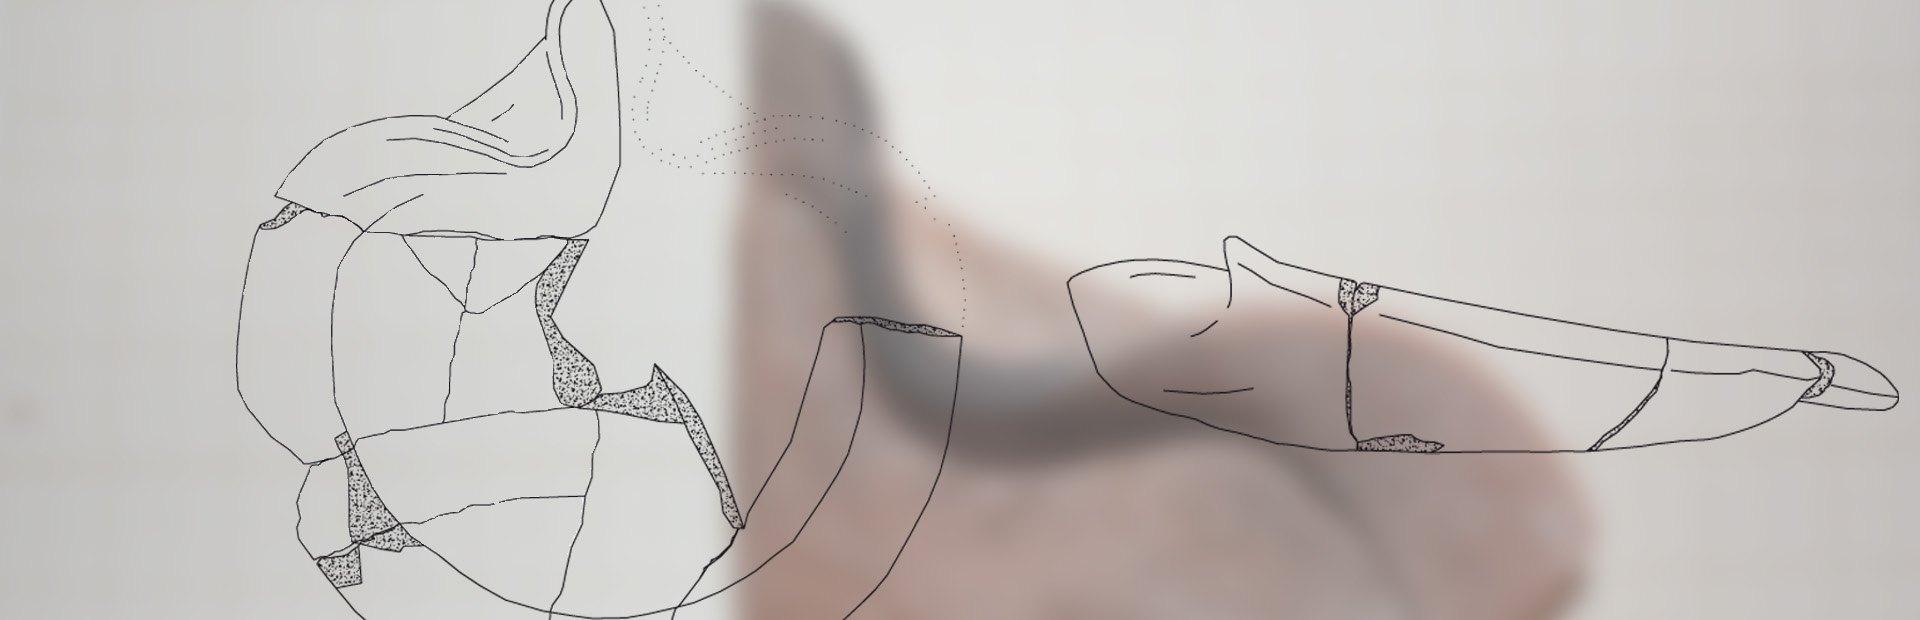 Dibujo Arqueologico de Lucernas de la Fonteta